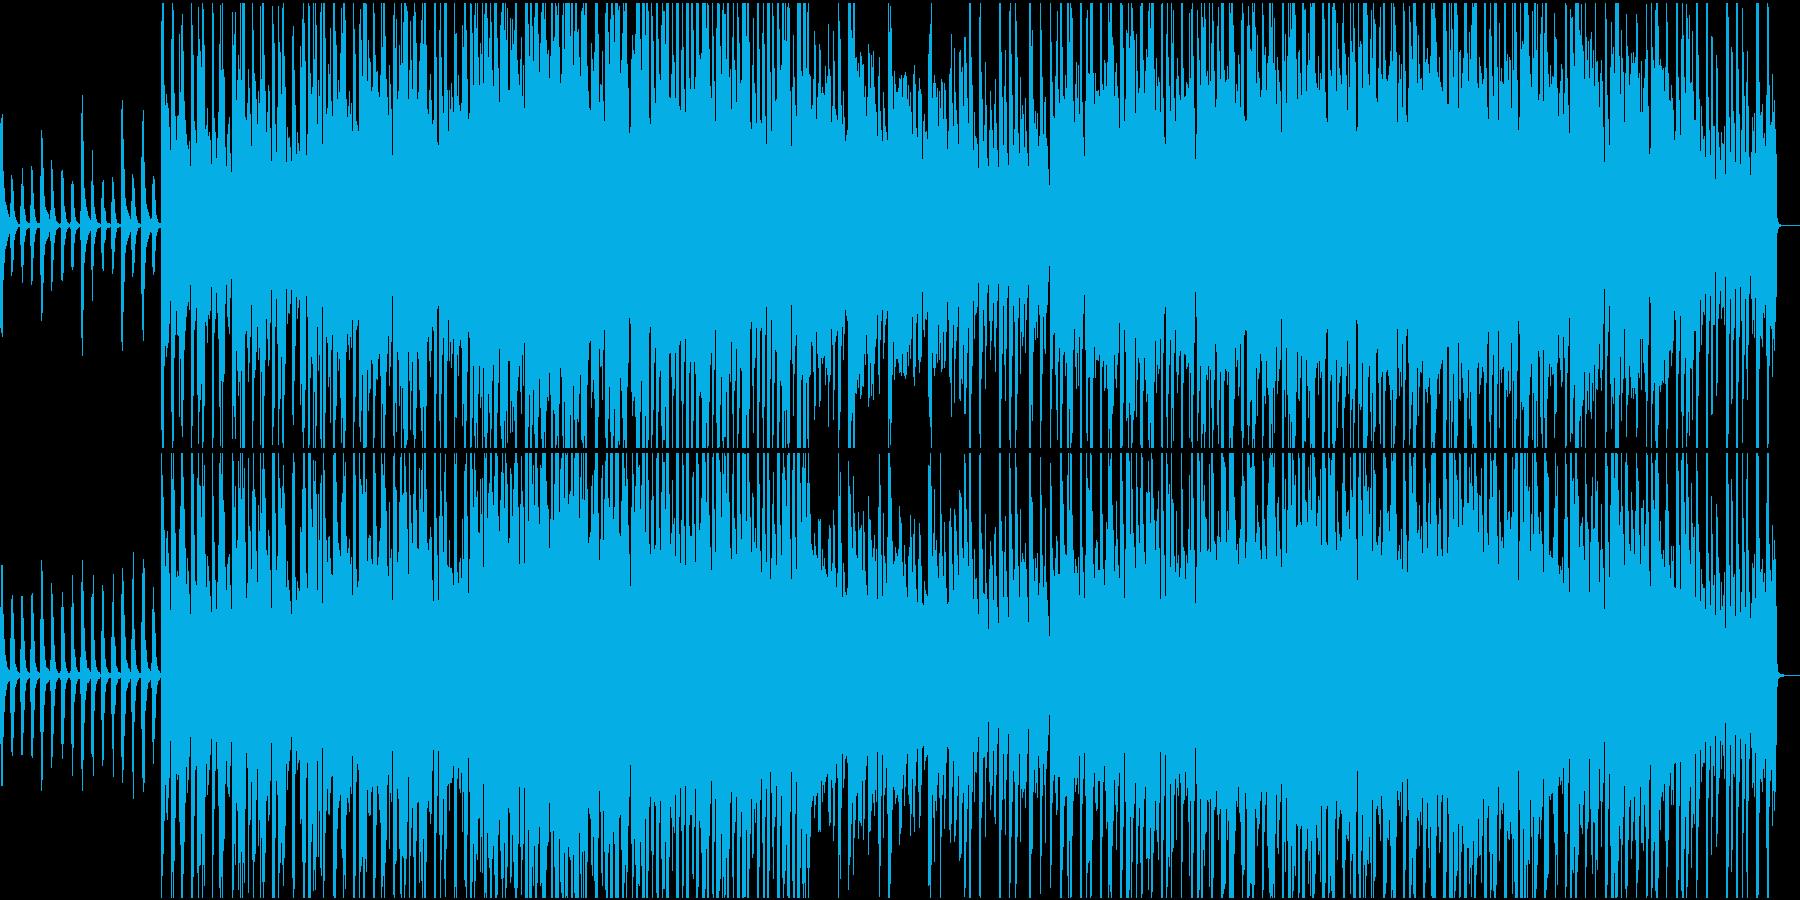 ストリングスが印象的でメロディアスな曲の再生済みの波形